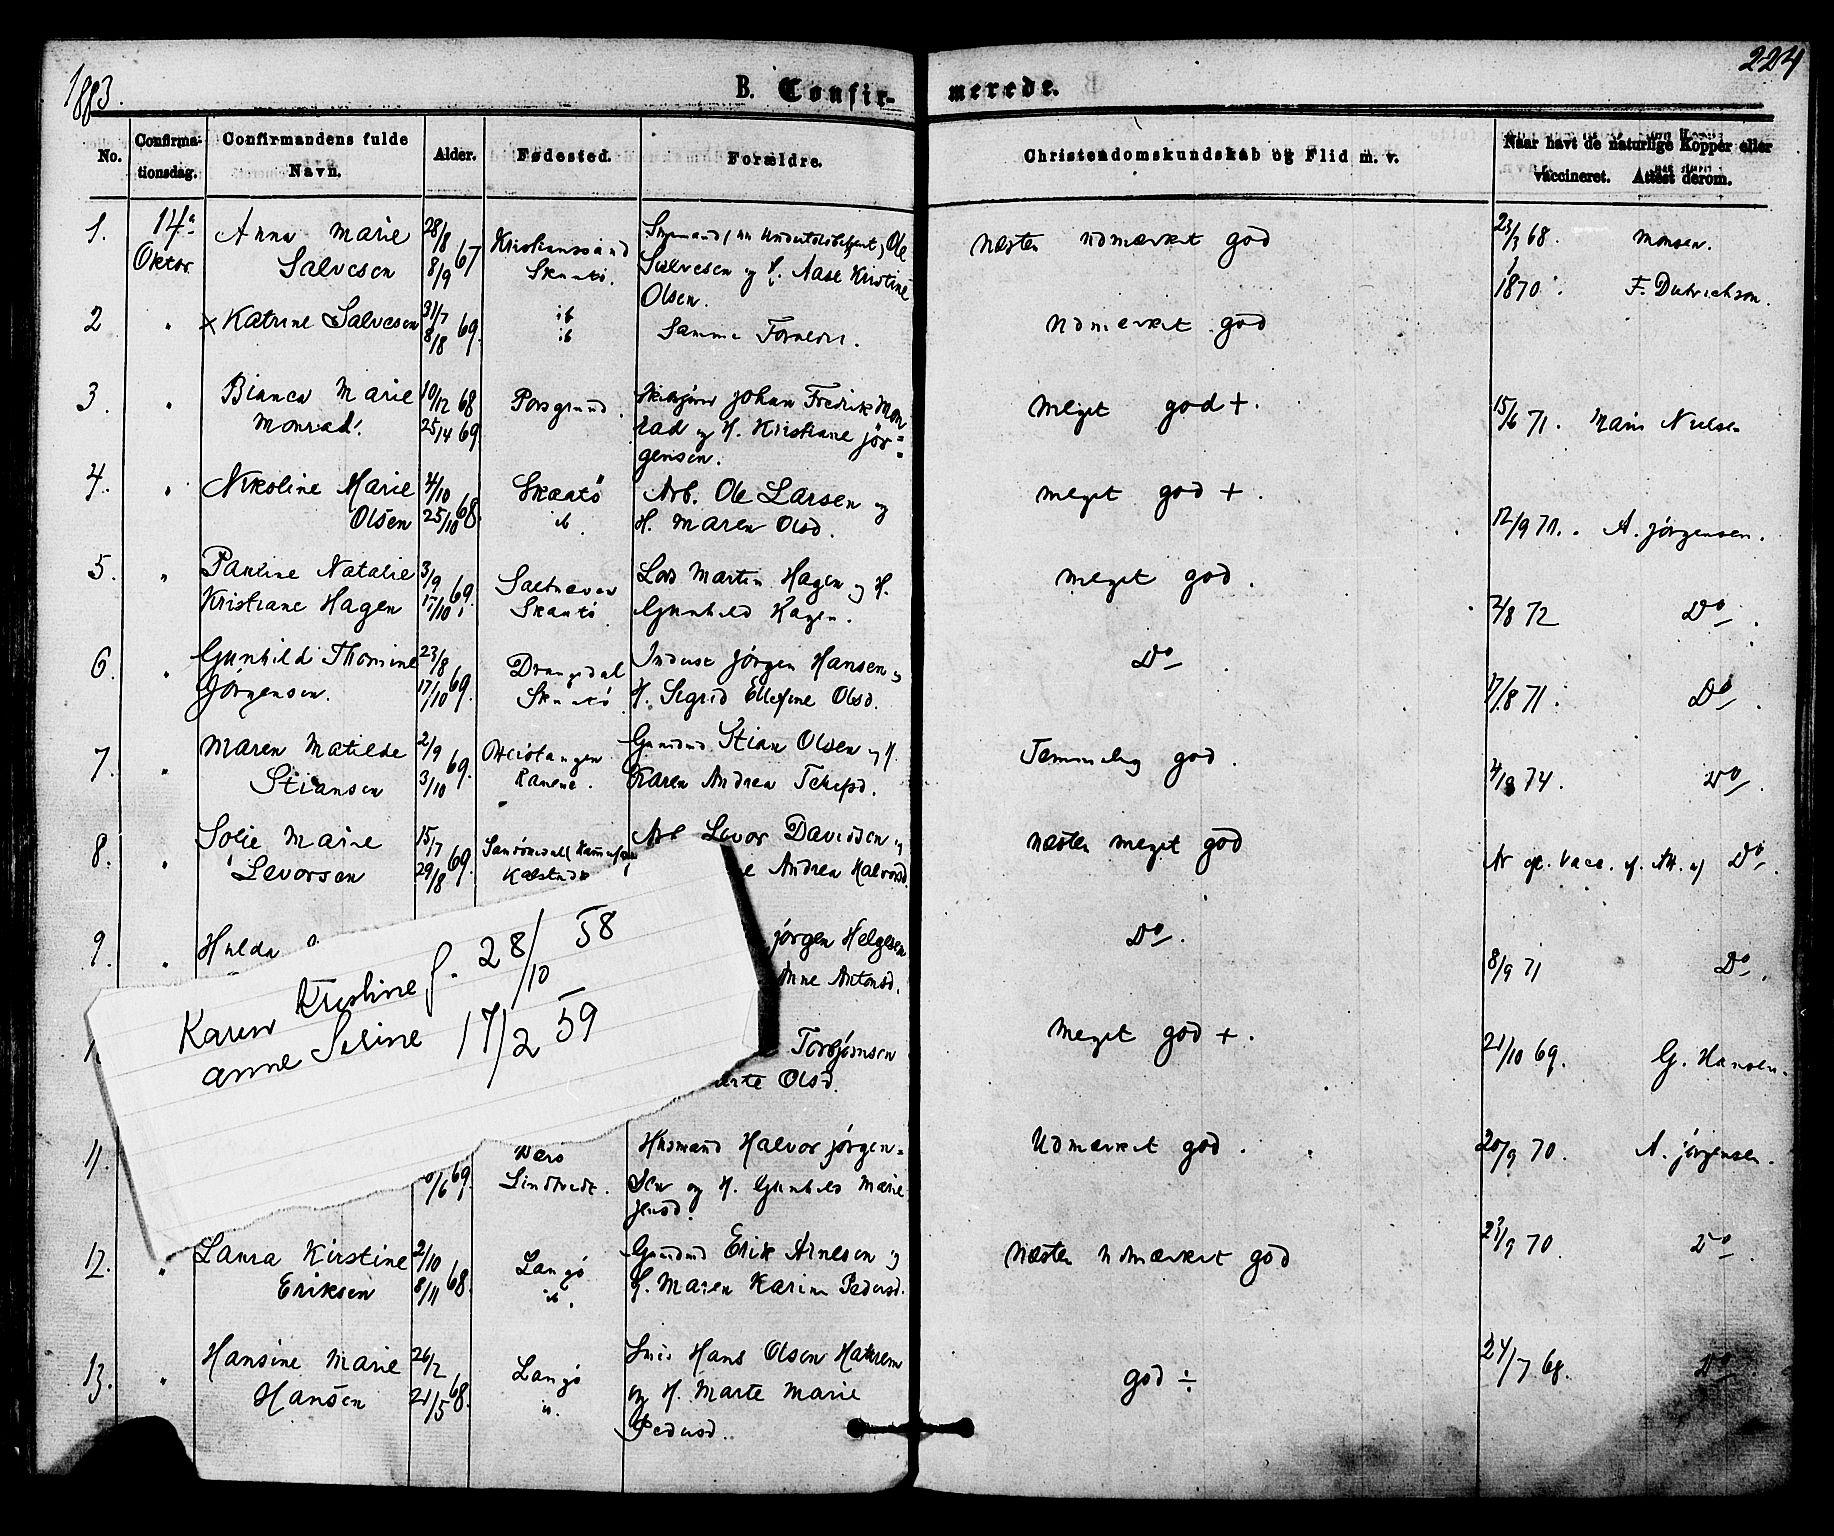 SAKO, Skåtøy kirkebøker, F/Fa/L0001: Ministerialbok nr. I 1, 1874-1883, s. 224